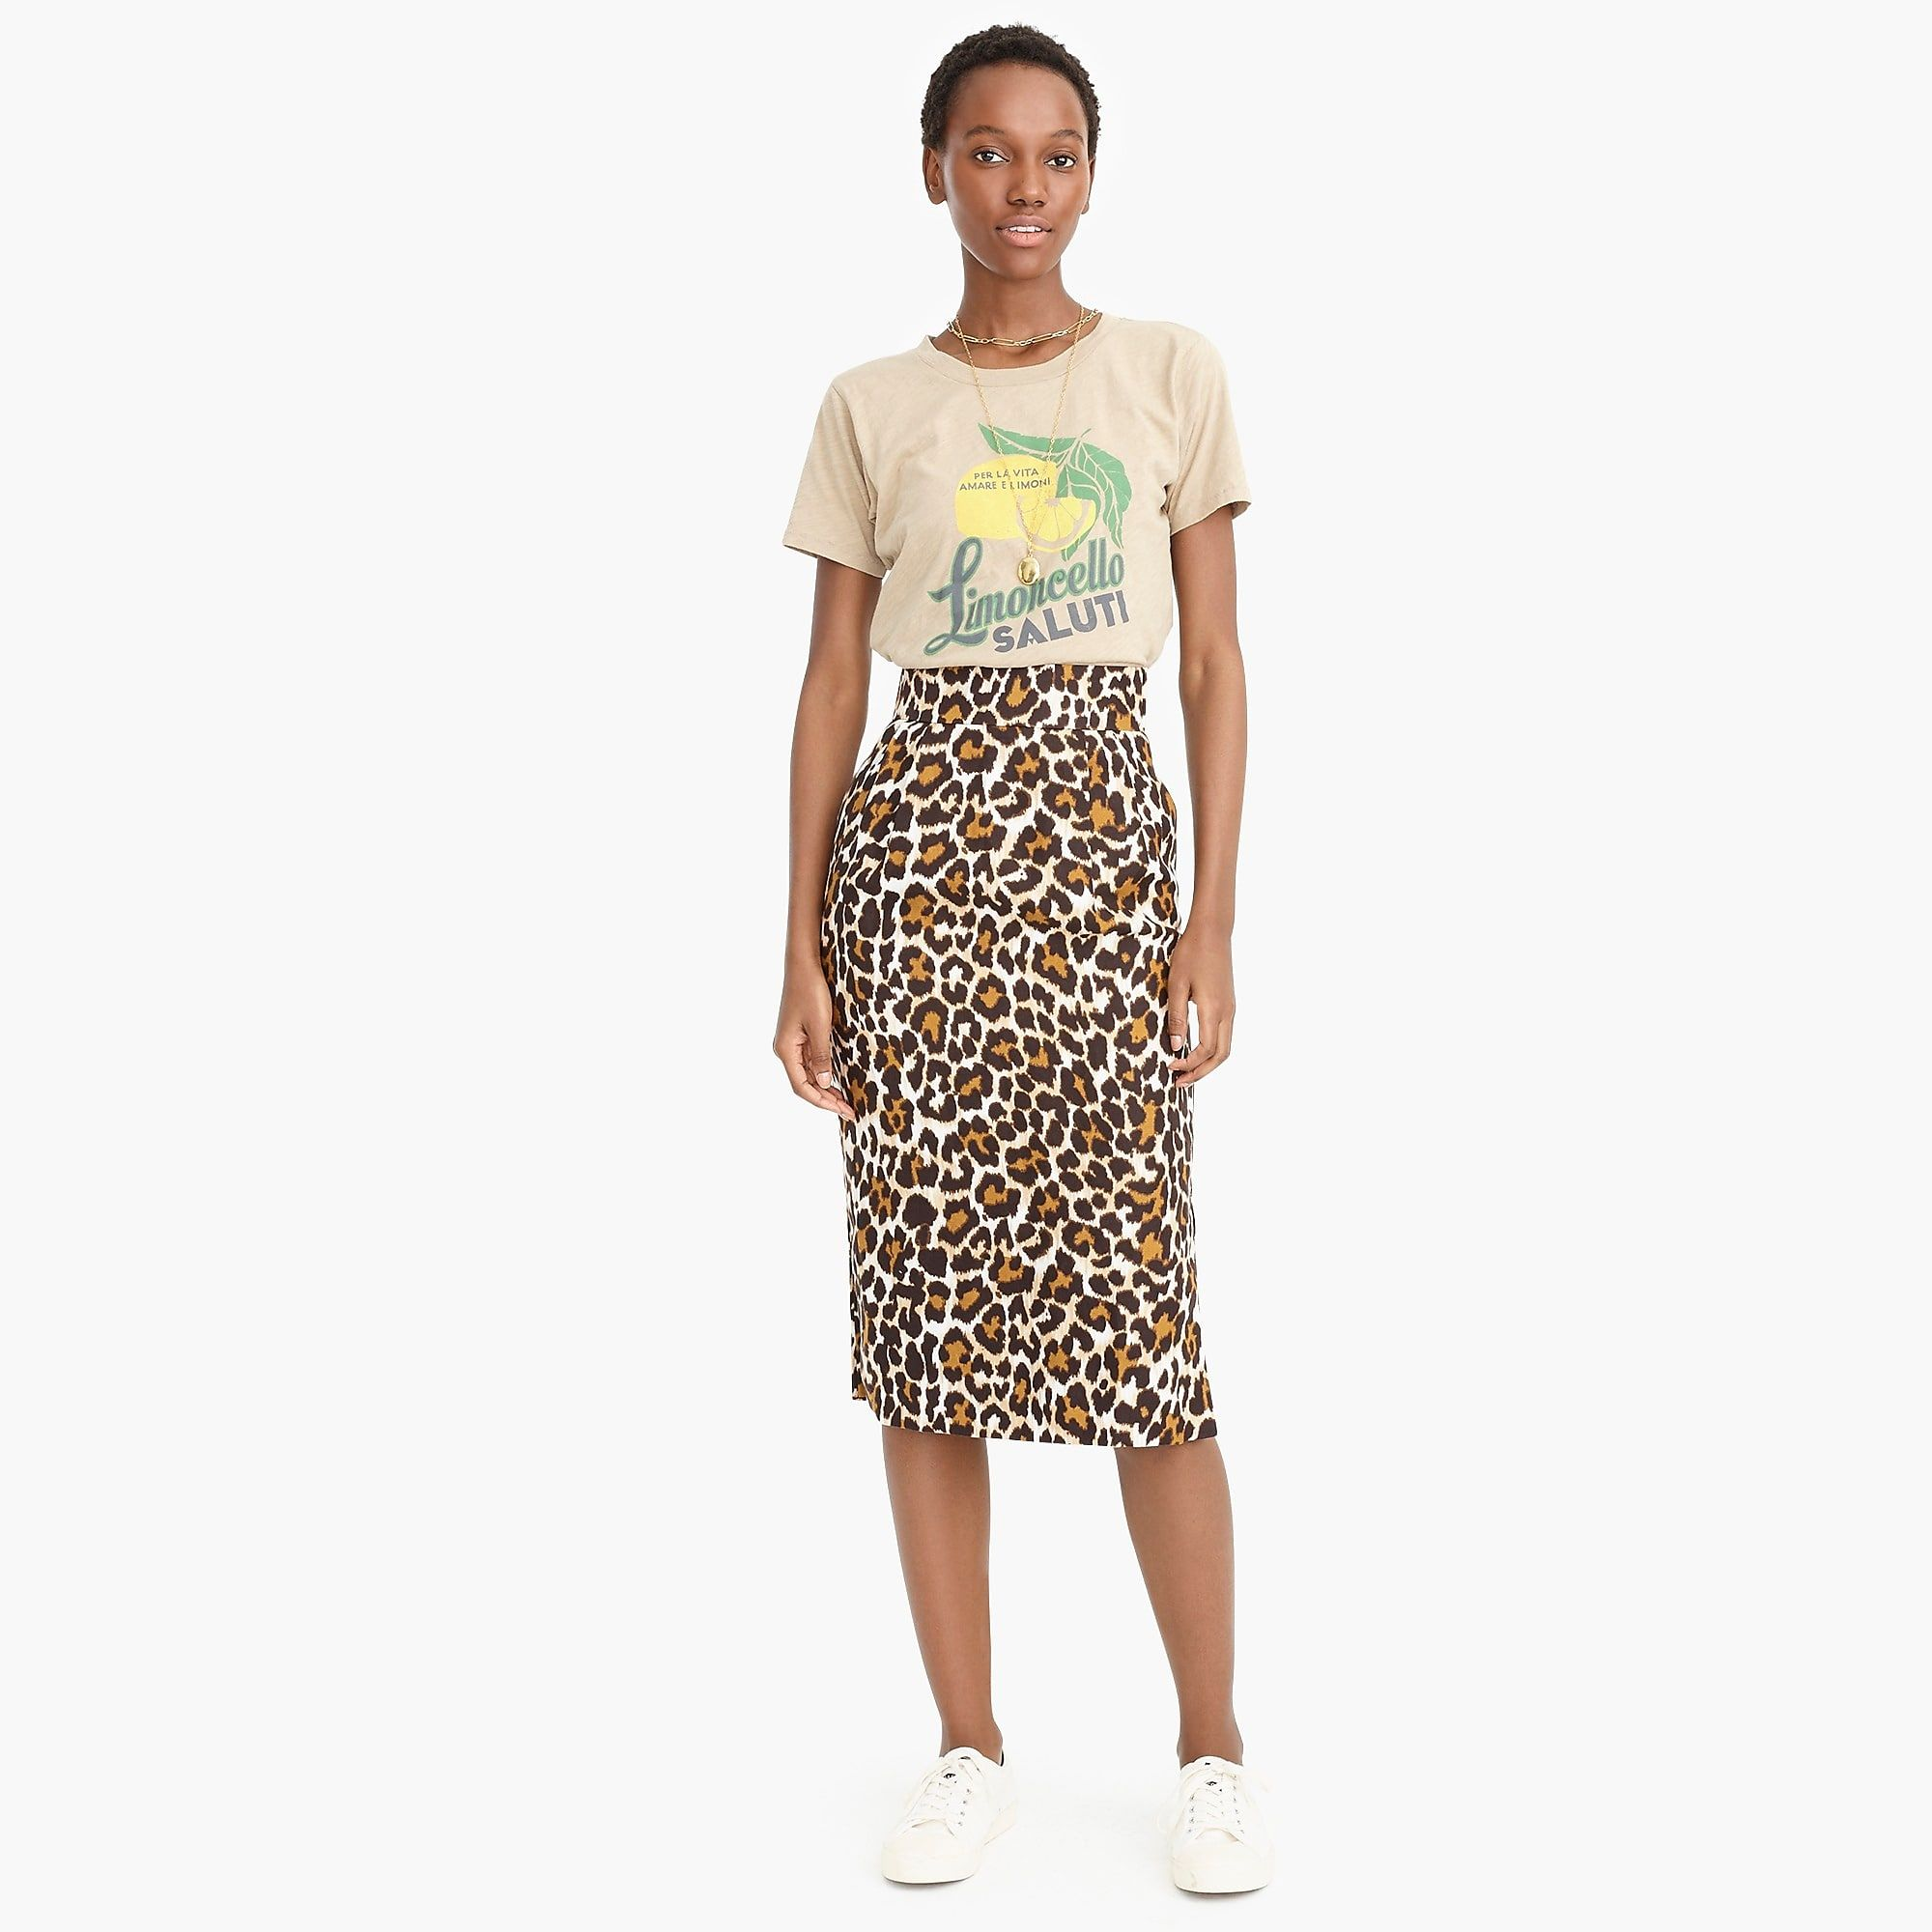 2f62fd8a48 Linen pencil skirt in leopard print : Women leopard everything | J.Crew